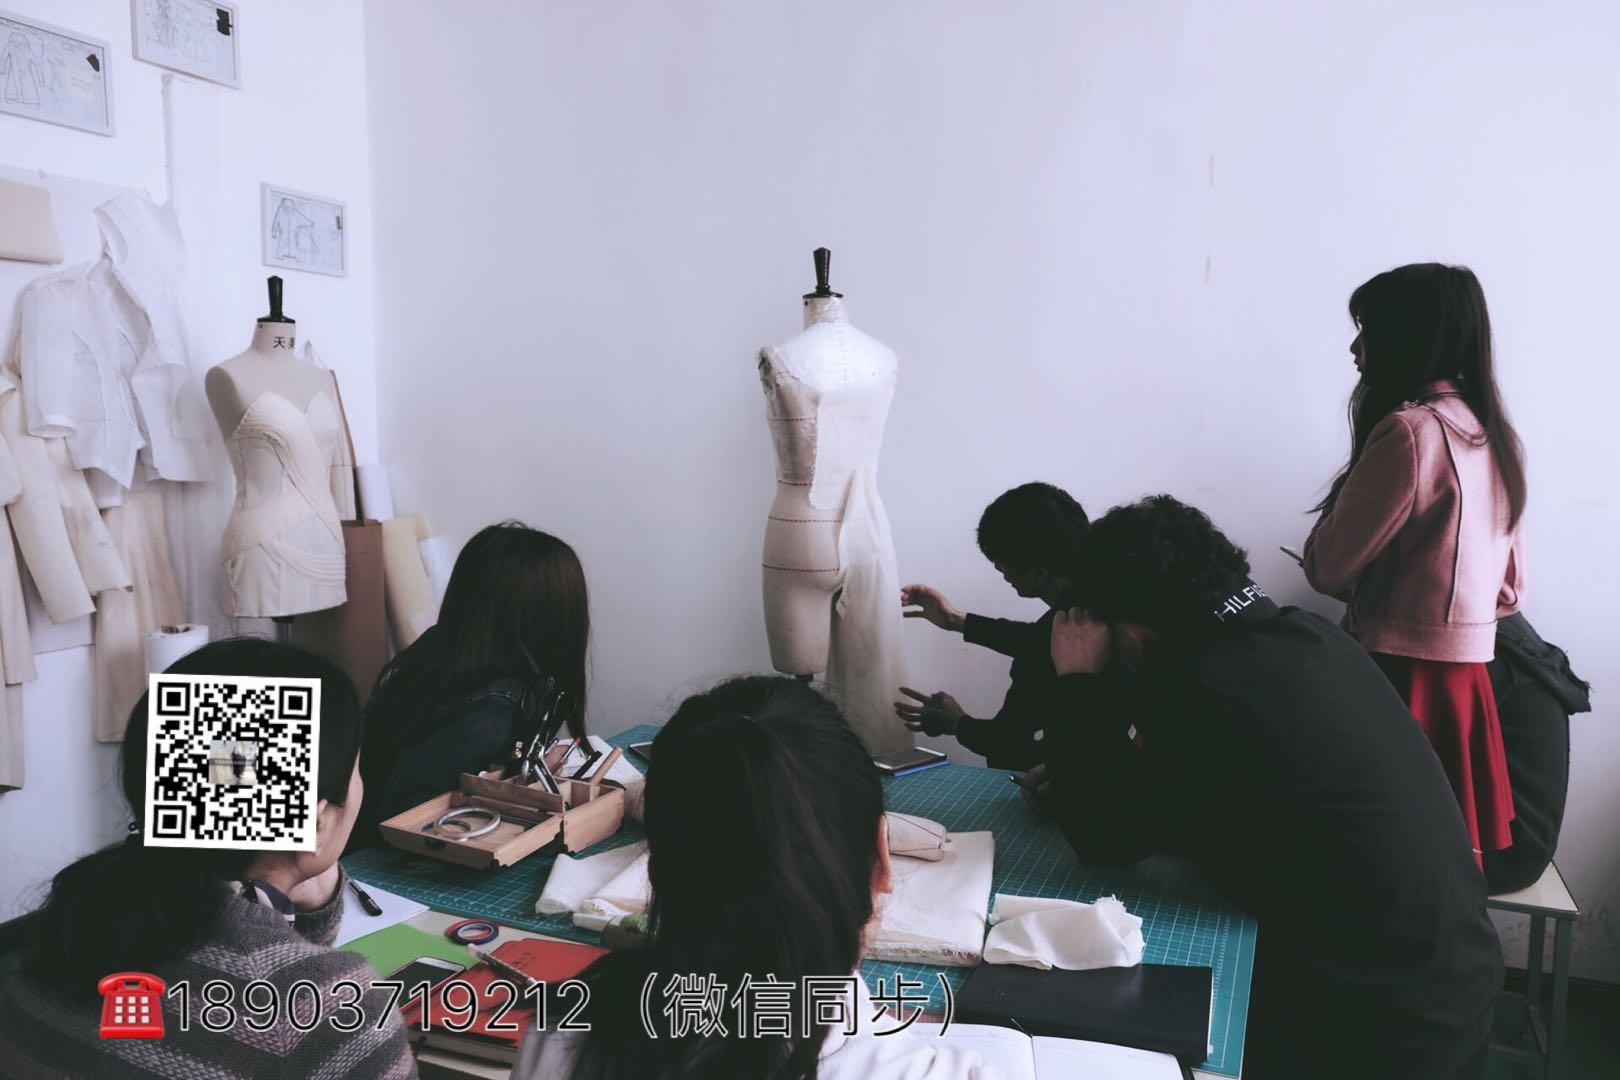 广州服装立体裁剪培训